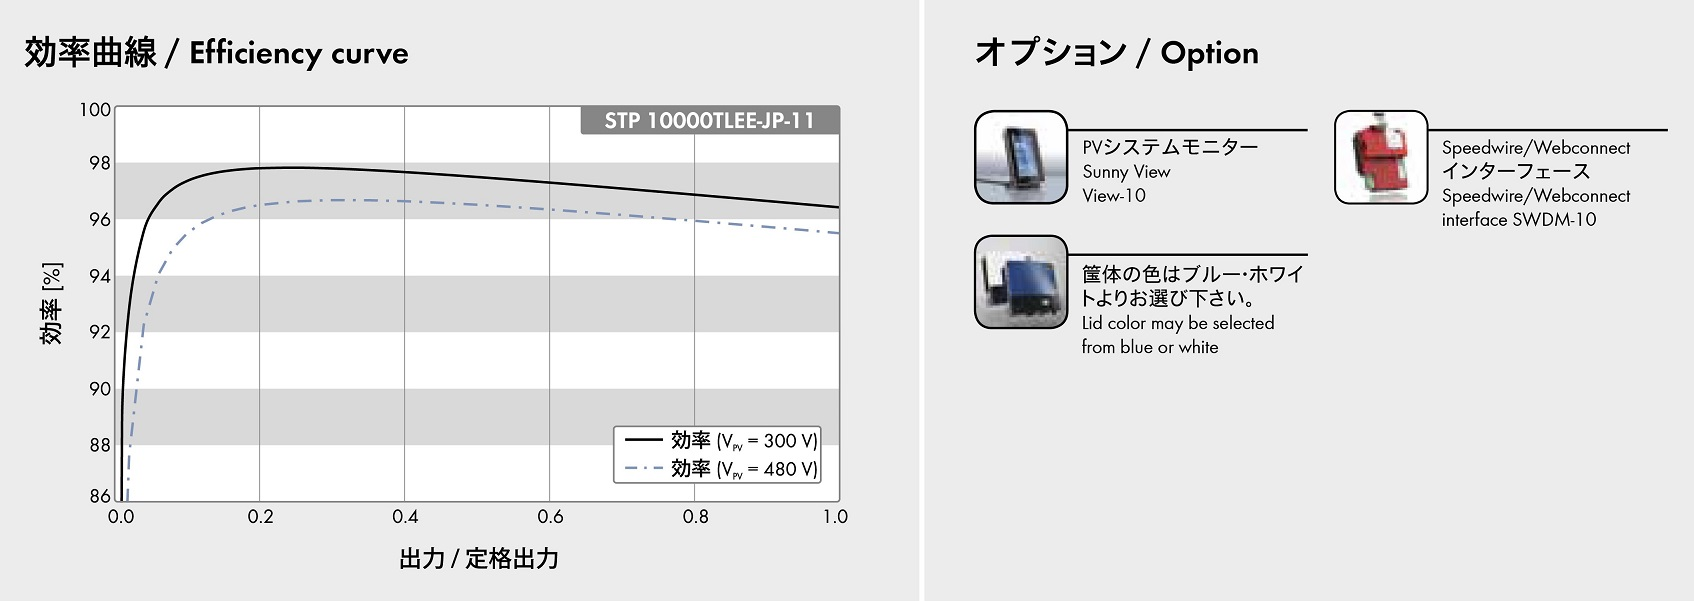 【三相9.9kW】SMA パワコン STP10000TLEE-JP-11 パワーコンディショナー